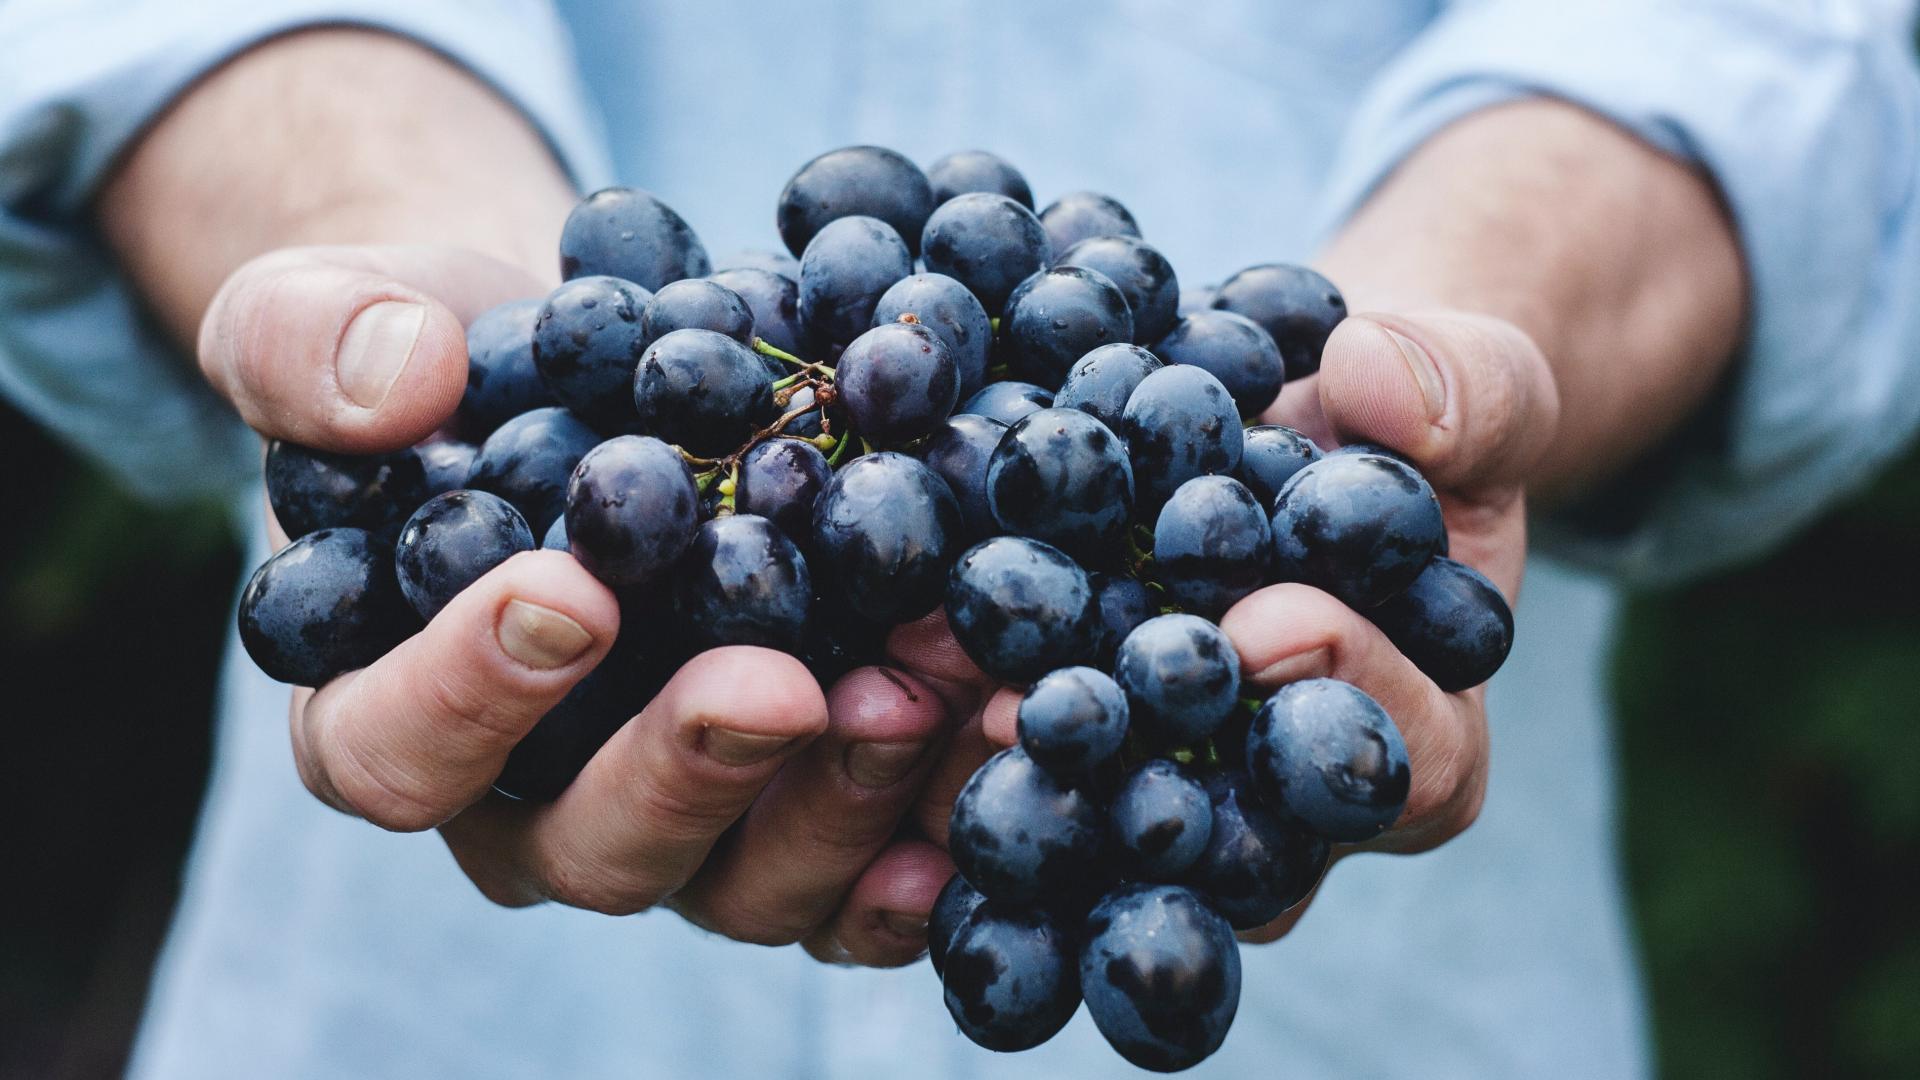 Rotwein Trauben wein grapes hände